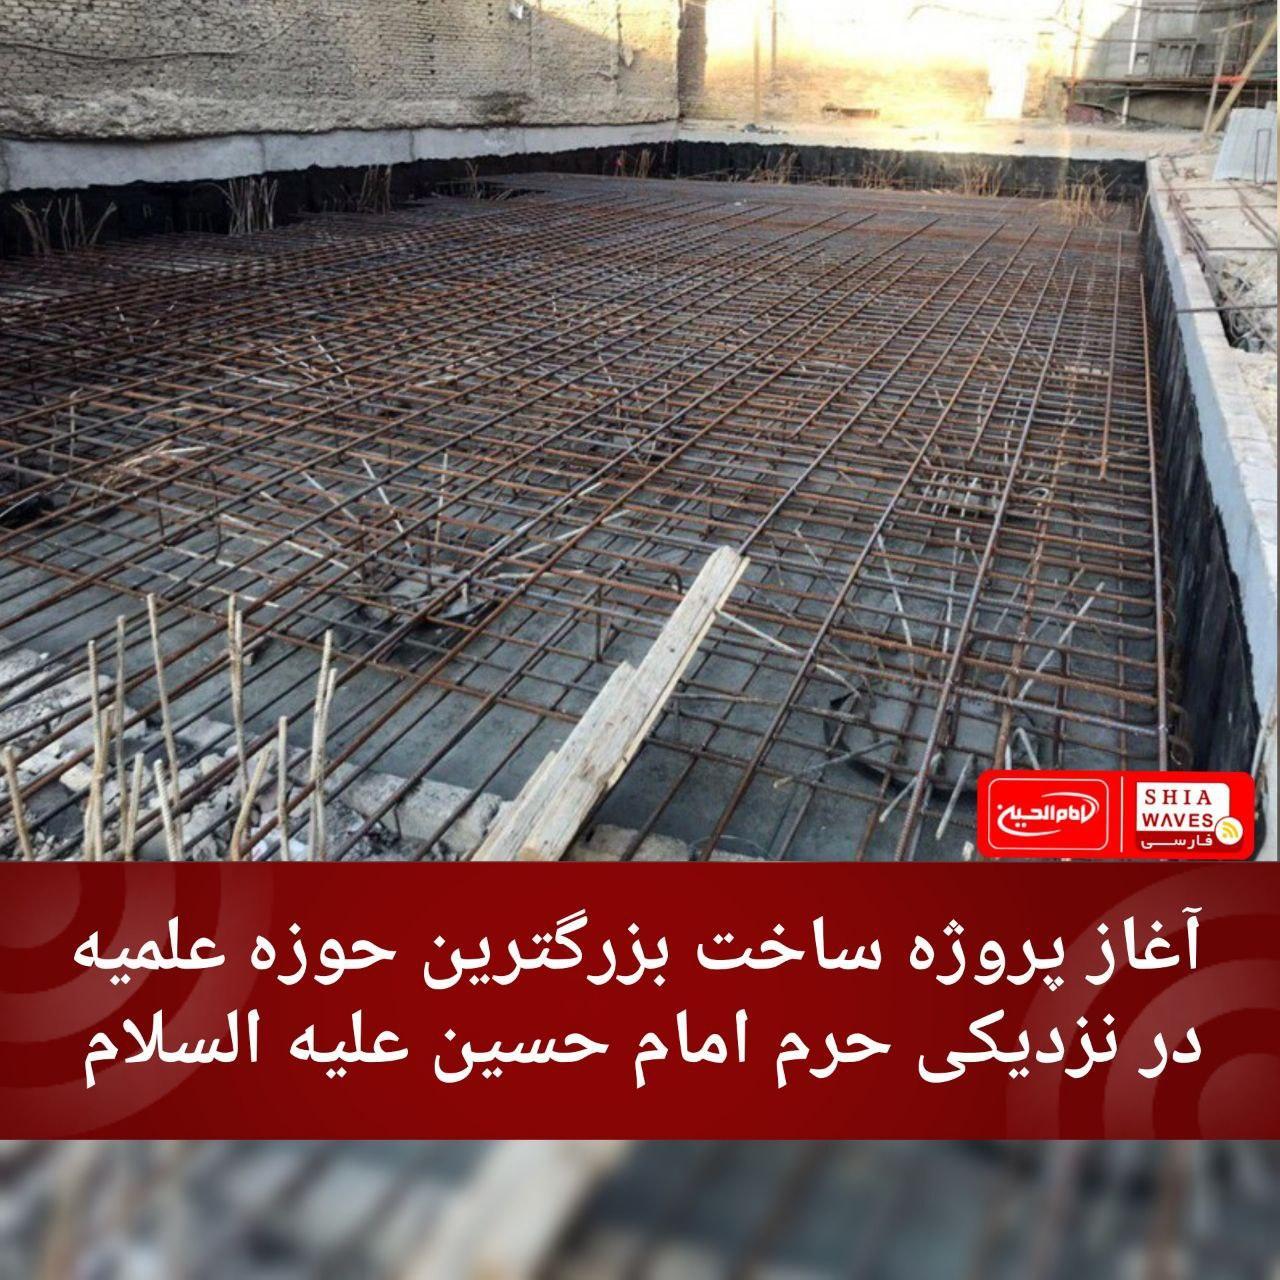 تصویر آغاز پروژه ساخت بزرگترین حوزه علمیه در نزدیکی حرم امام حسین علیه السلام